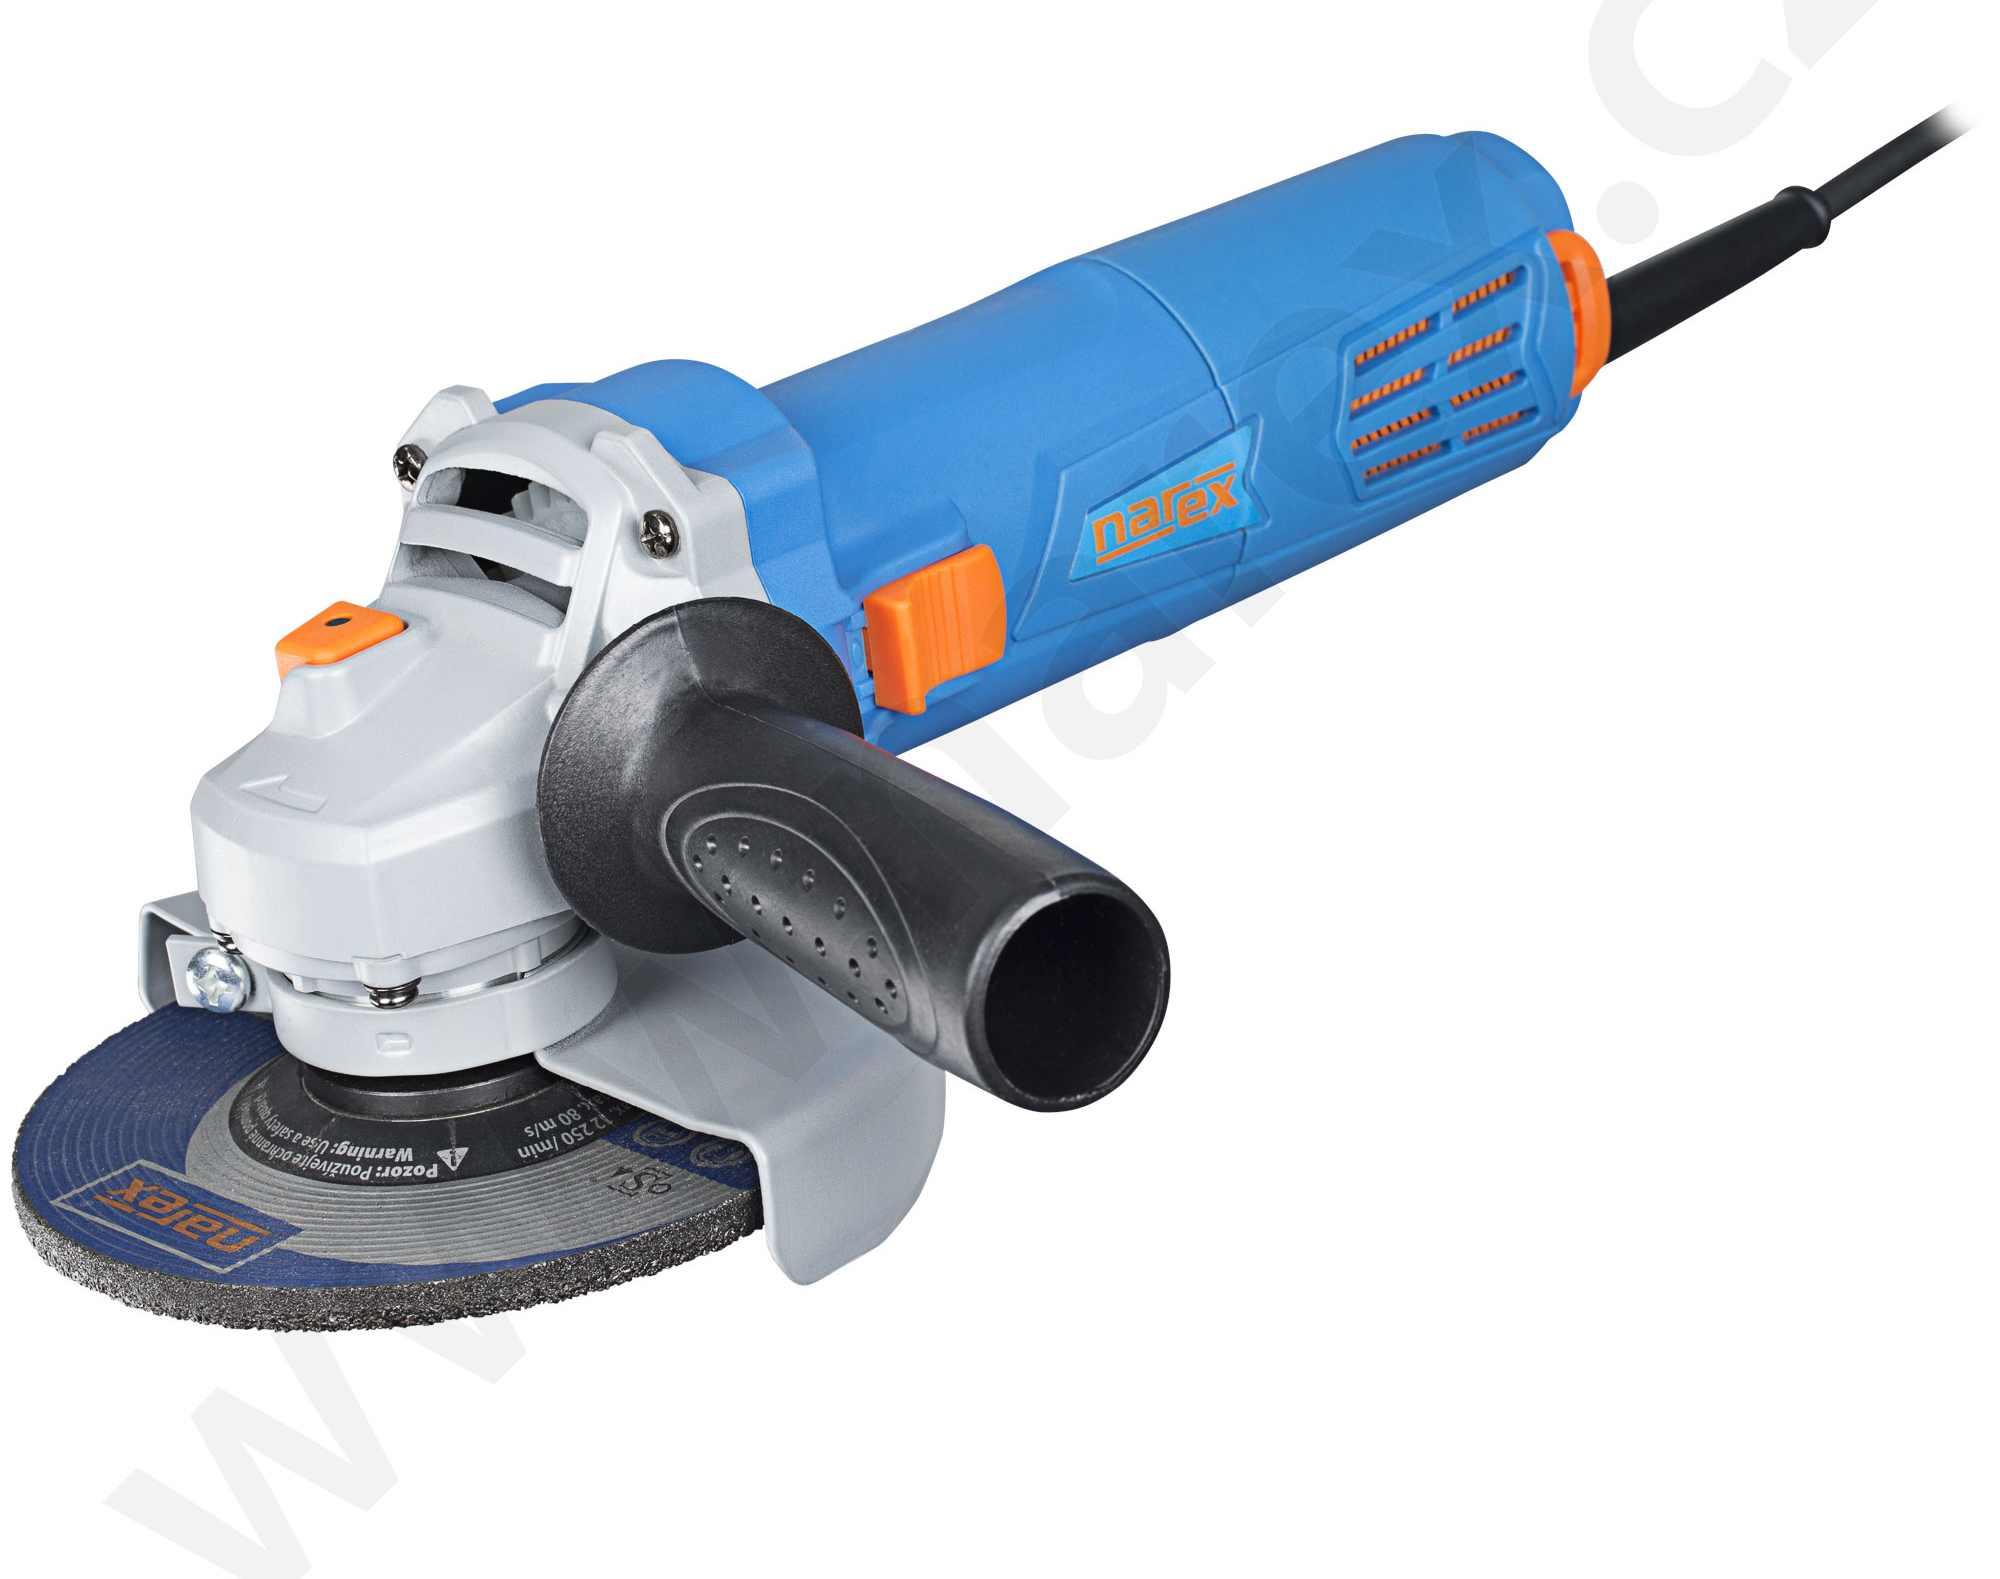 Elektrická bruska úhlová Narex EBU 125-6 č. 65404344